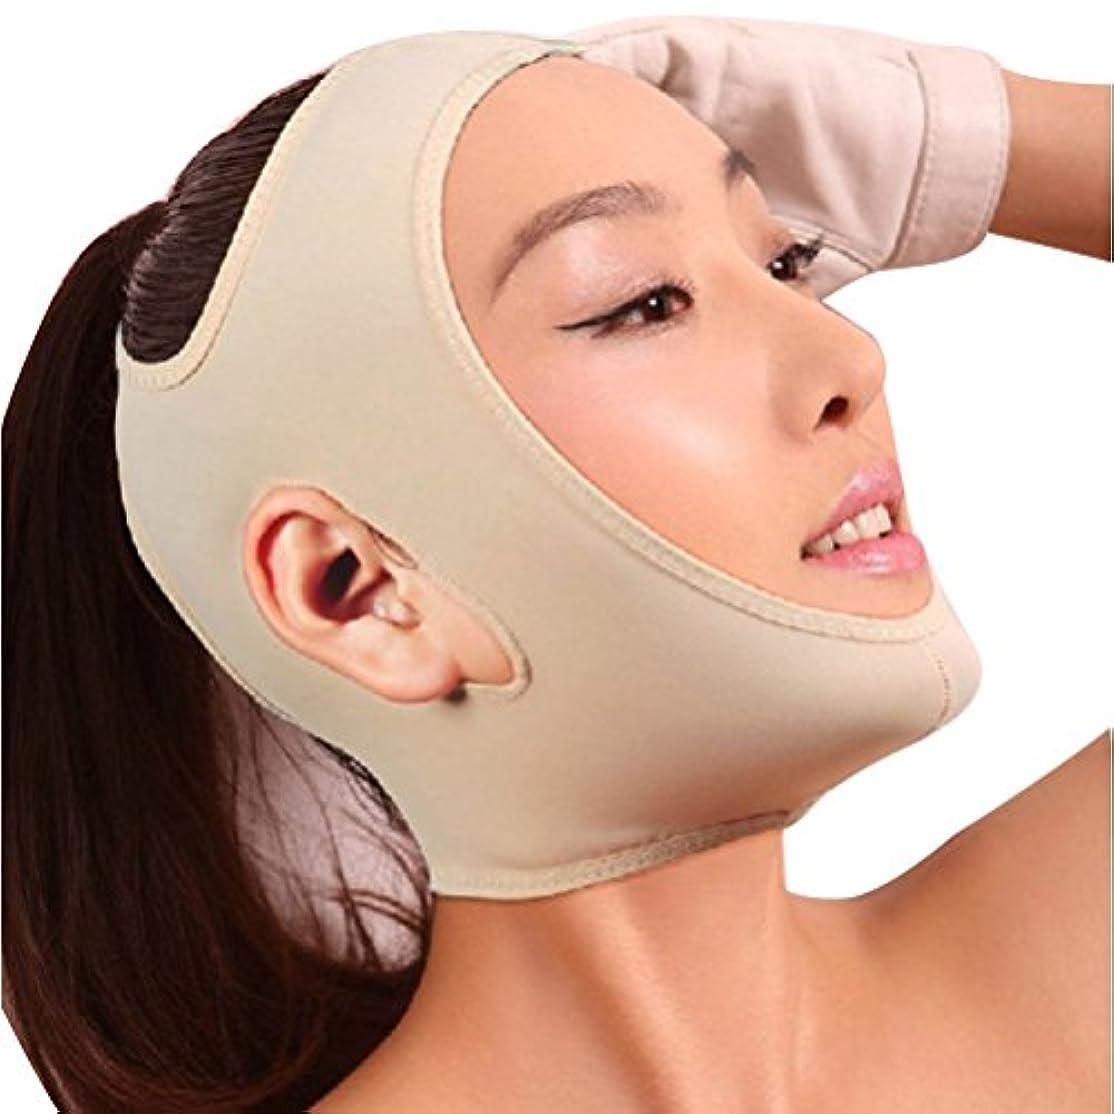 トランクライブラリ生命体皿MakeupAccフェイスラインベルト M/L/XLサイズ 抗シワ 額、顎下、頬リフトアップ 小顔 美顔 頬のたるみ 引き上げマスク(ベージュ)【並行輸入品】 (M)